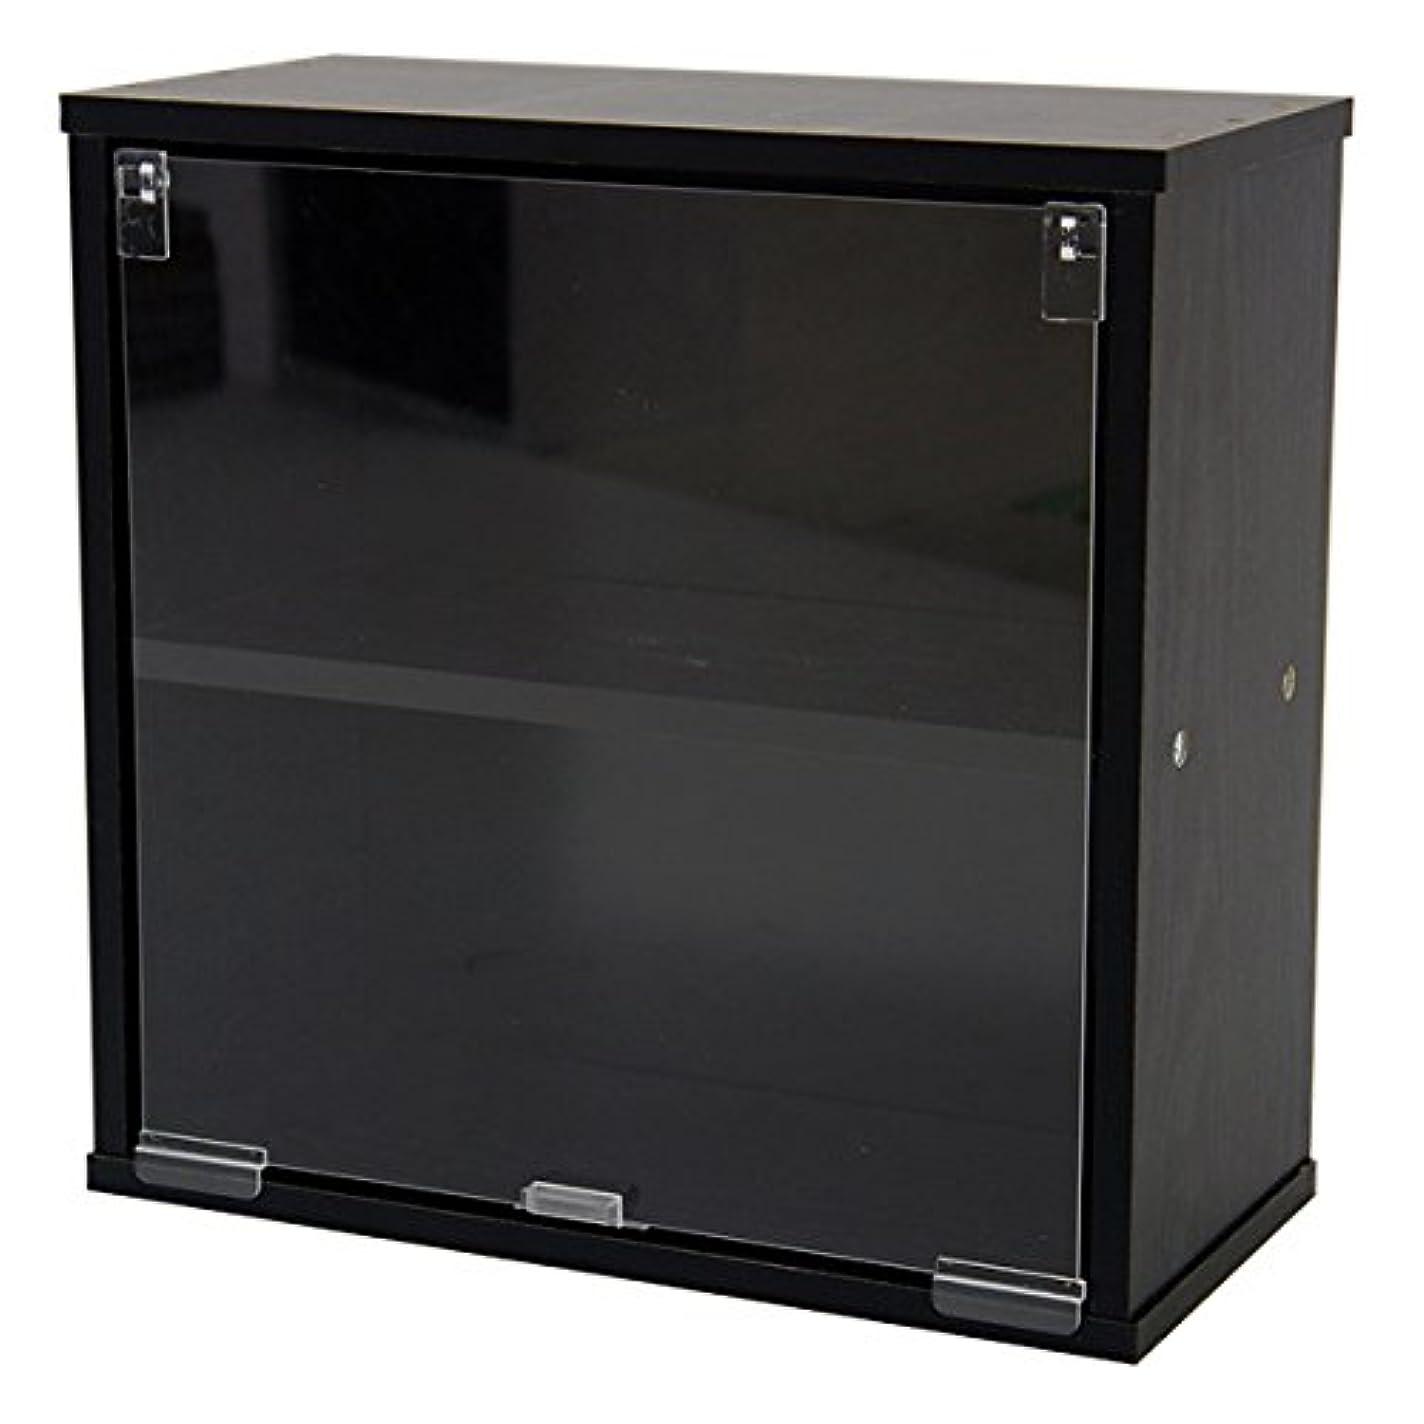 明らかにするモンスターむしゃむしゃキューブボックスα 棚付きアクリル透明扉タイプ/カラーボックス キューブボックス 扉付き ミニ食器棚 コレクションケース (グリーン)